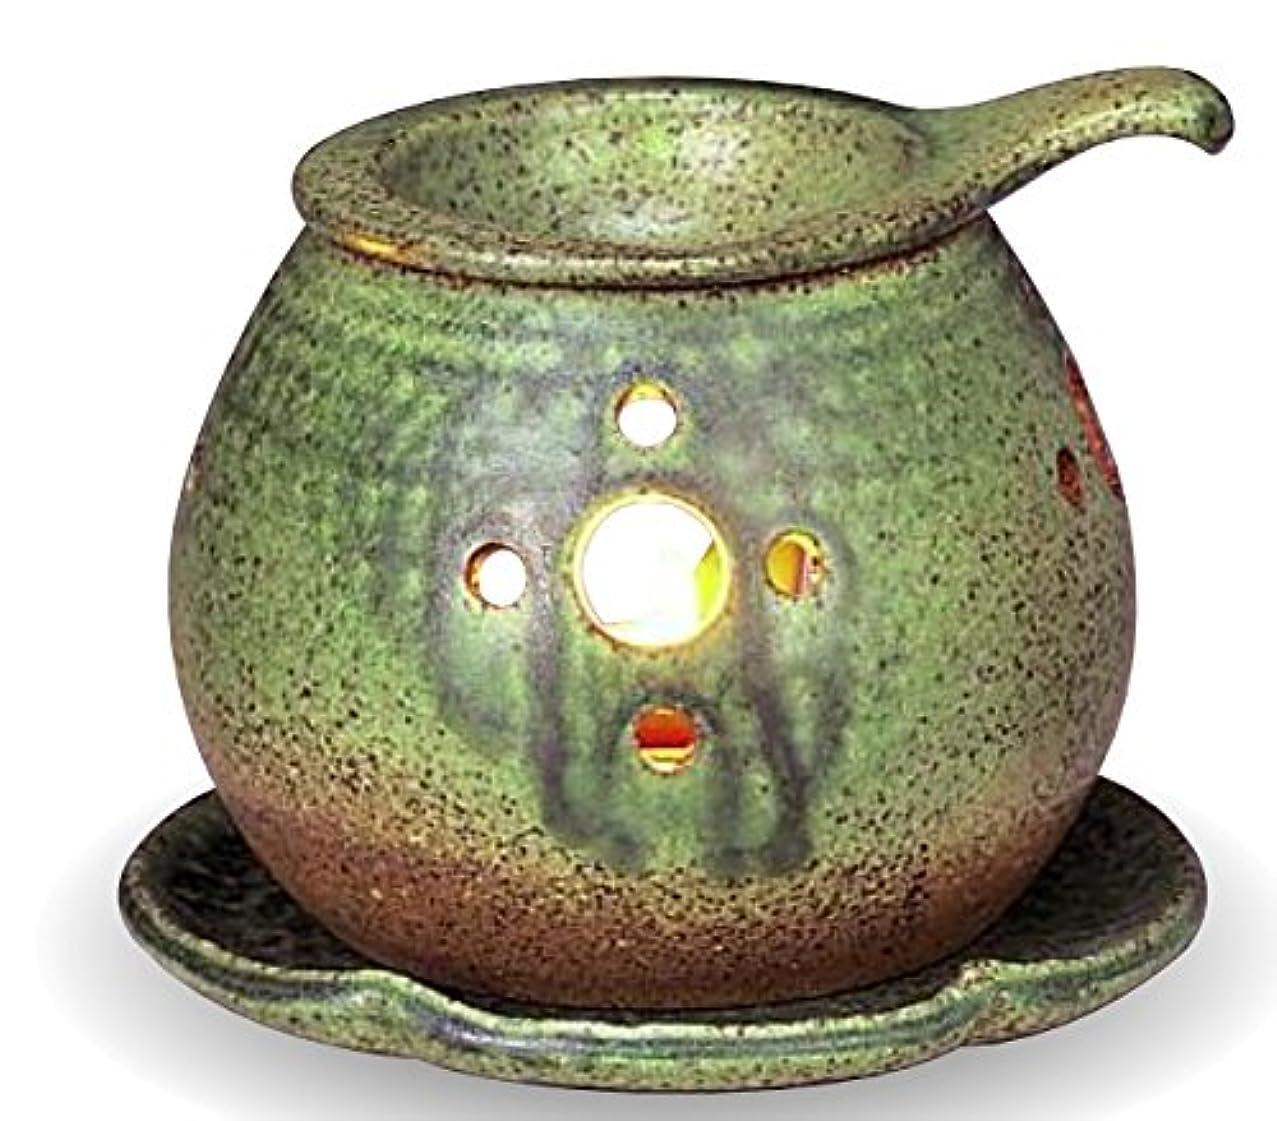 ワゴン蘇生するサイズ常滑焼 茶香炉(アロマポット)径11×高さ9.5cm